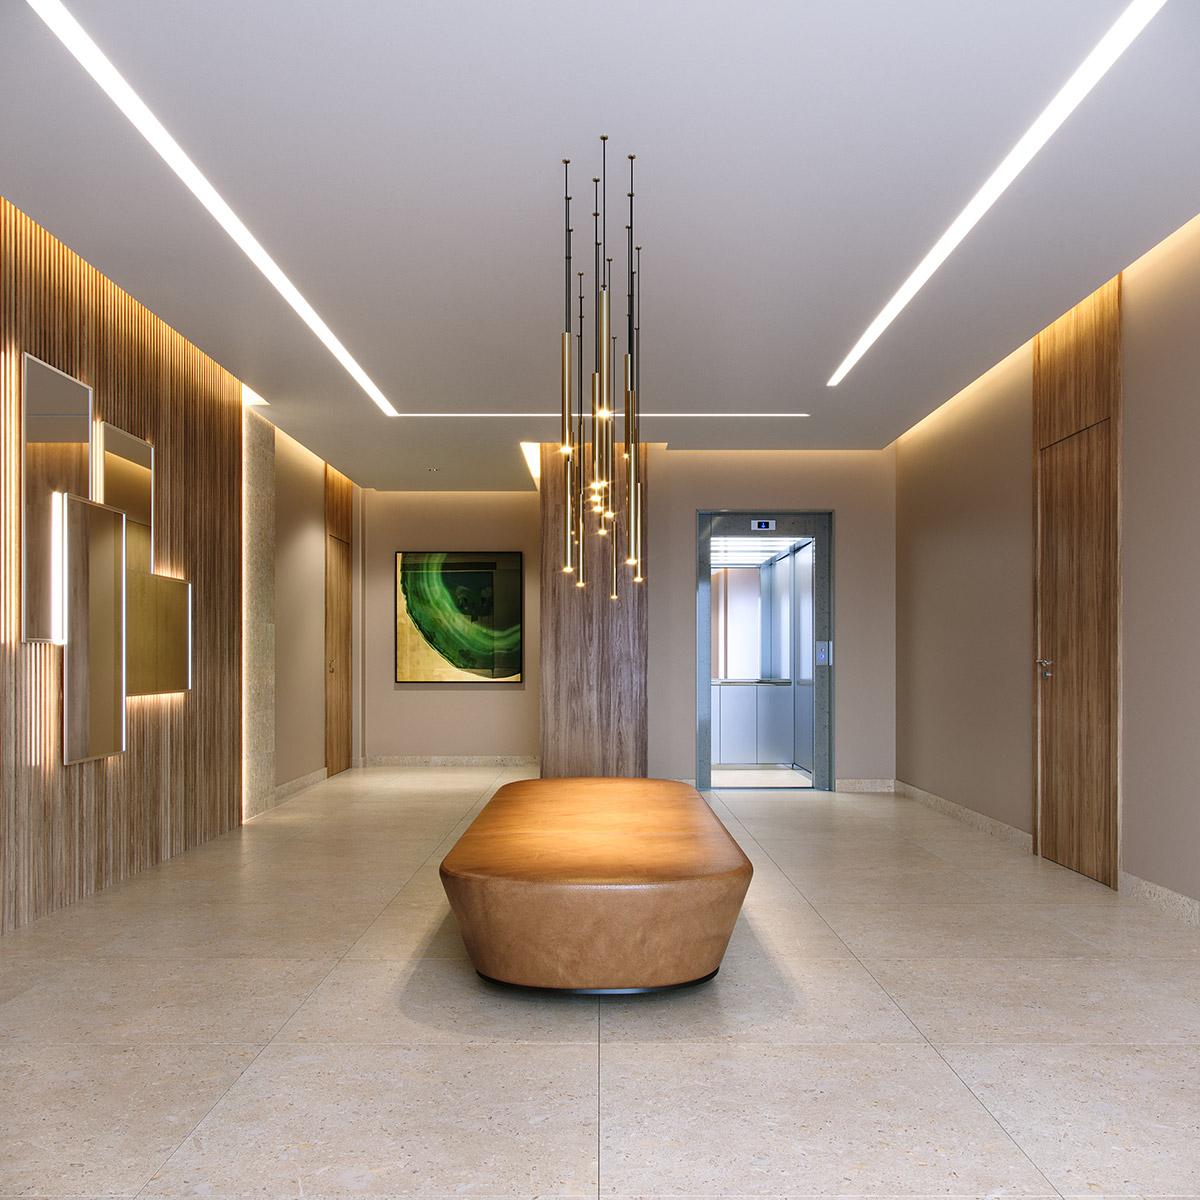 ALTA ROMANA by REM - Perspectiva Artística do Lobby Residencial